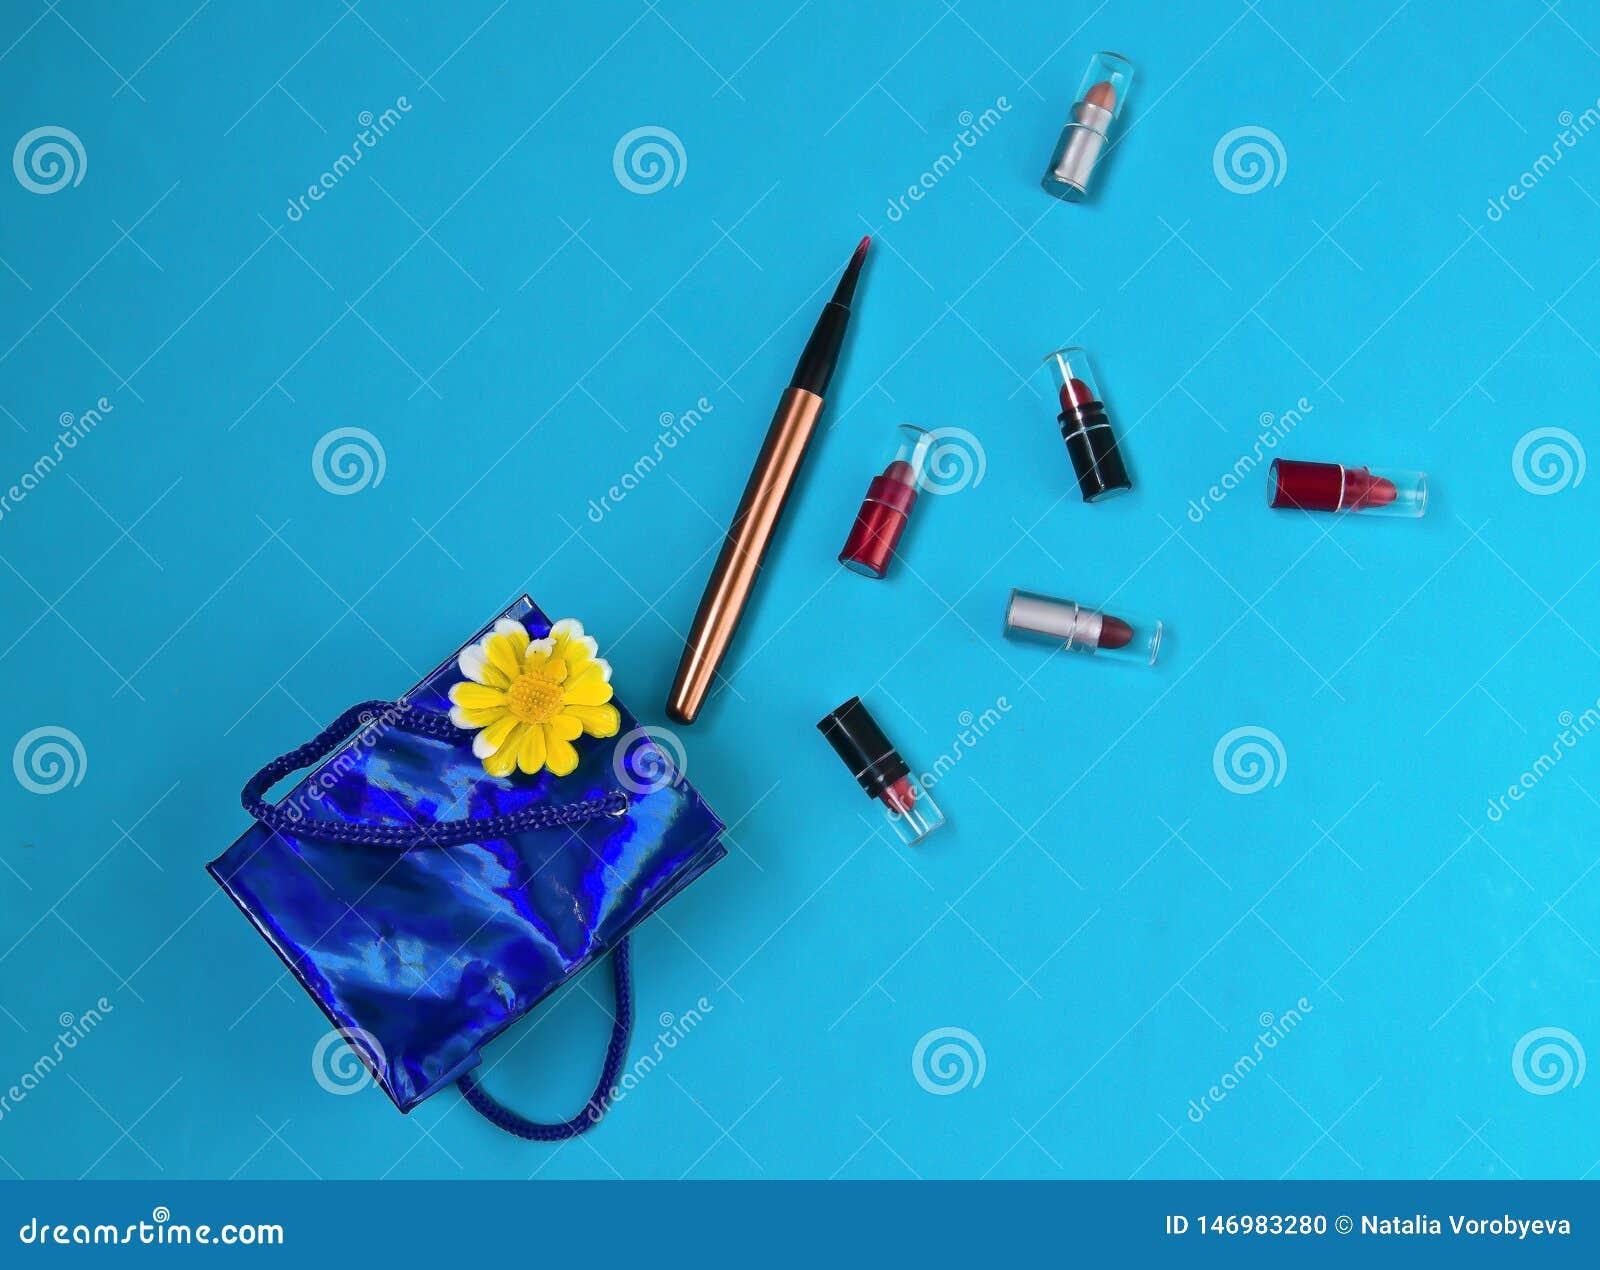 Κραγιόν, βούρτσα, συσκευασία, δώρο, έκπληξη, στο μπλε υπόβαθρο